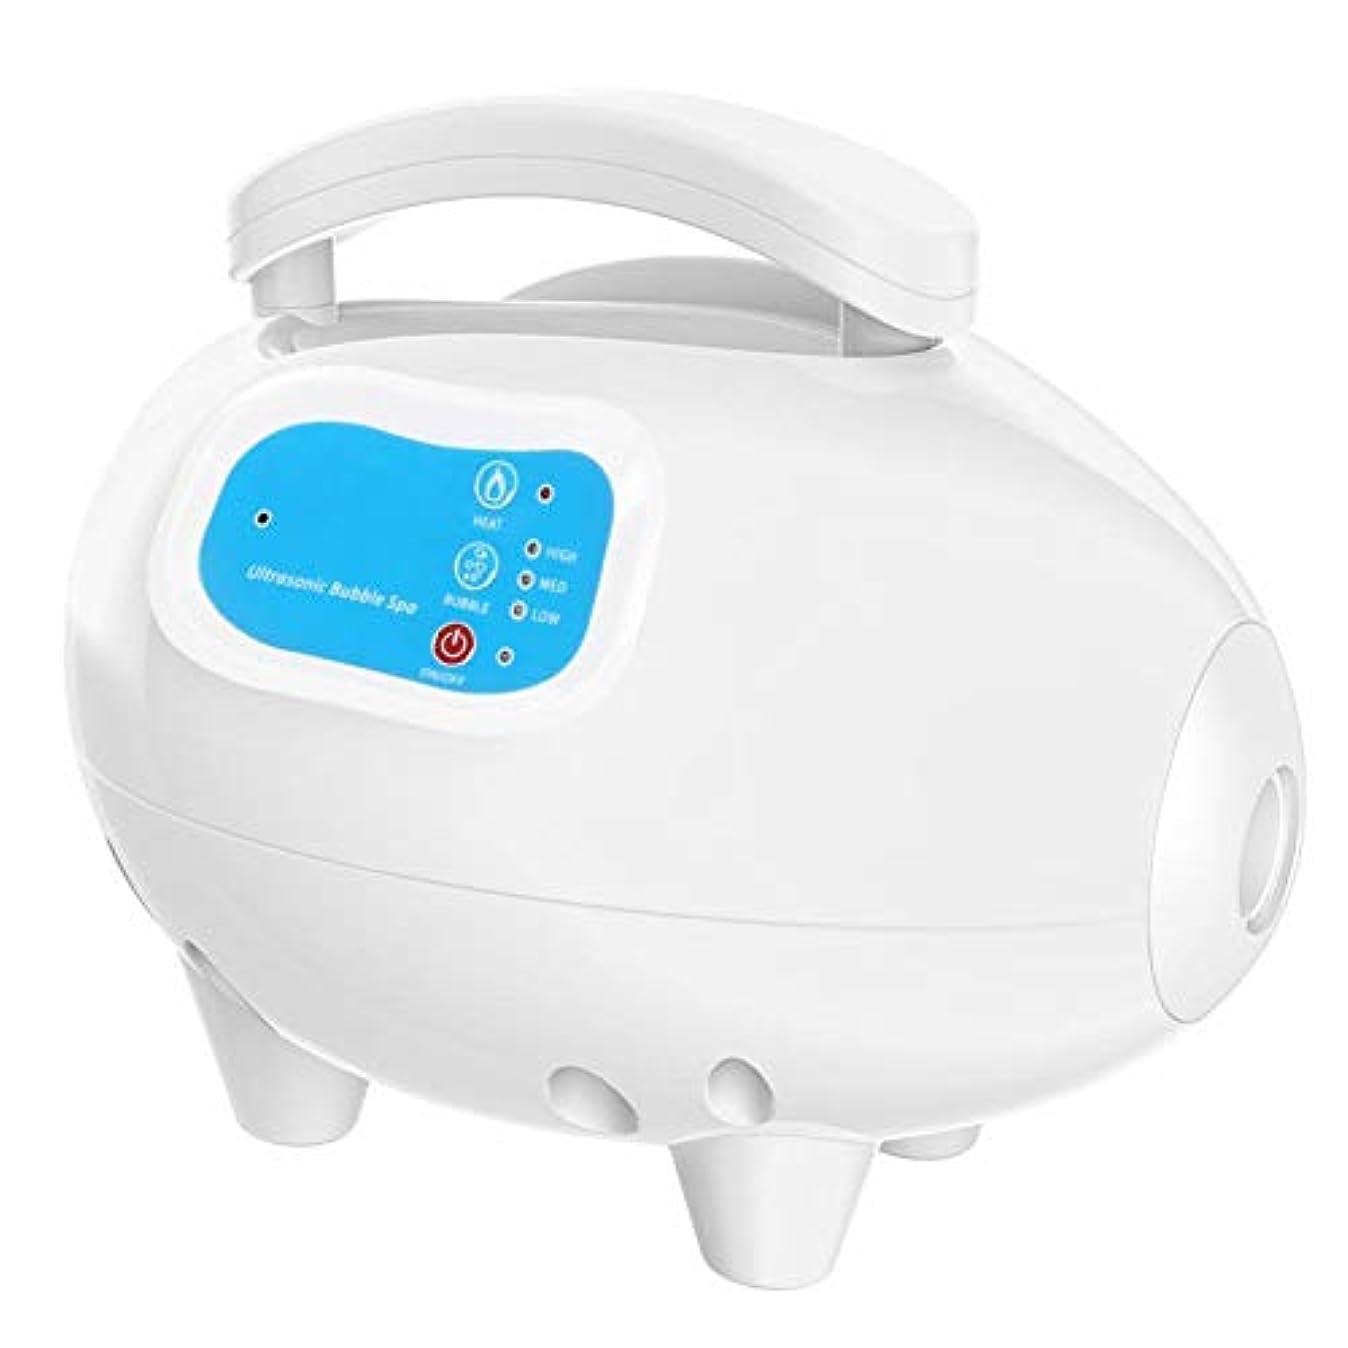 コレクション平均スキッパースパ泡風呂浴槽機防水エアー泡風呂浴槽殺菌ボディスパマッサージマット付きエアホース(110?220V)